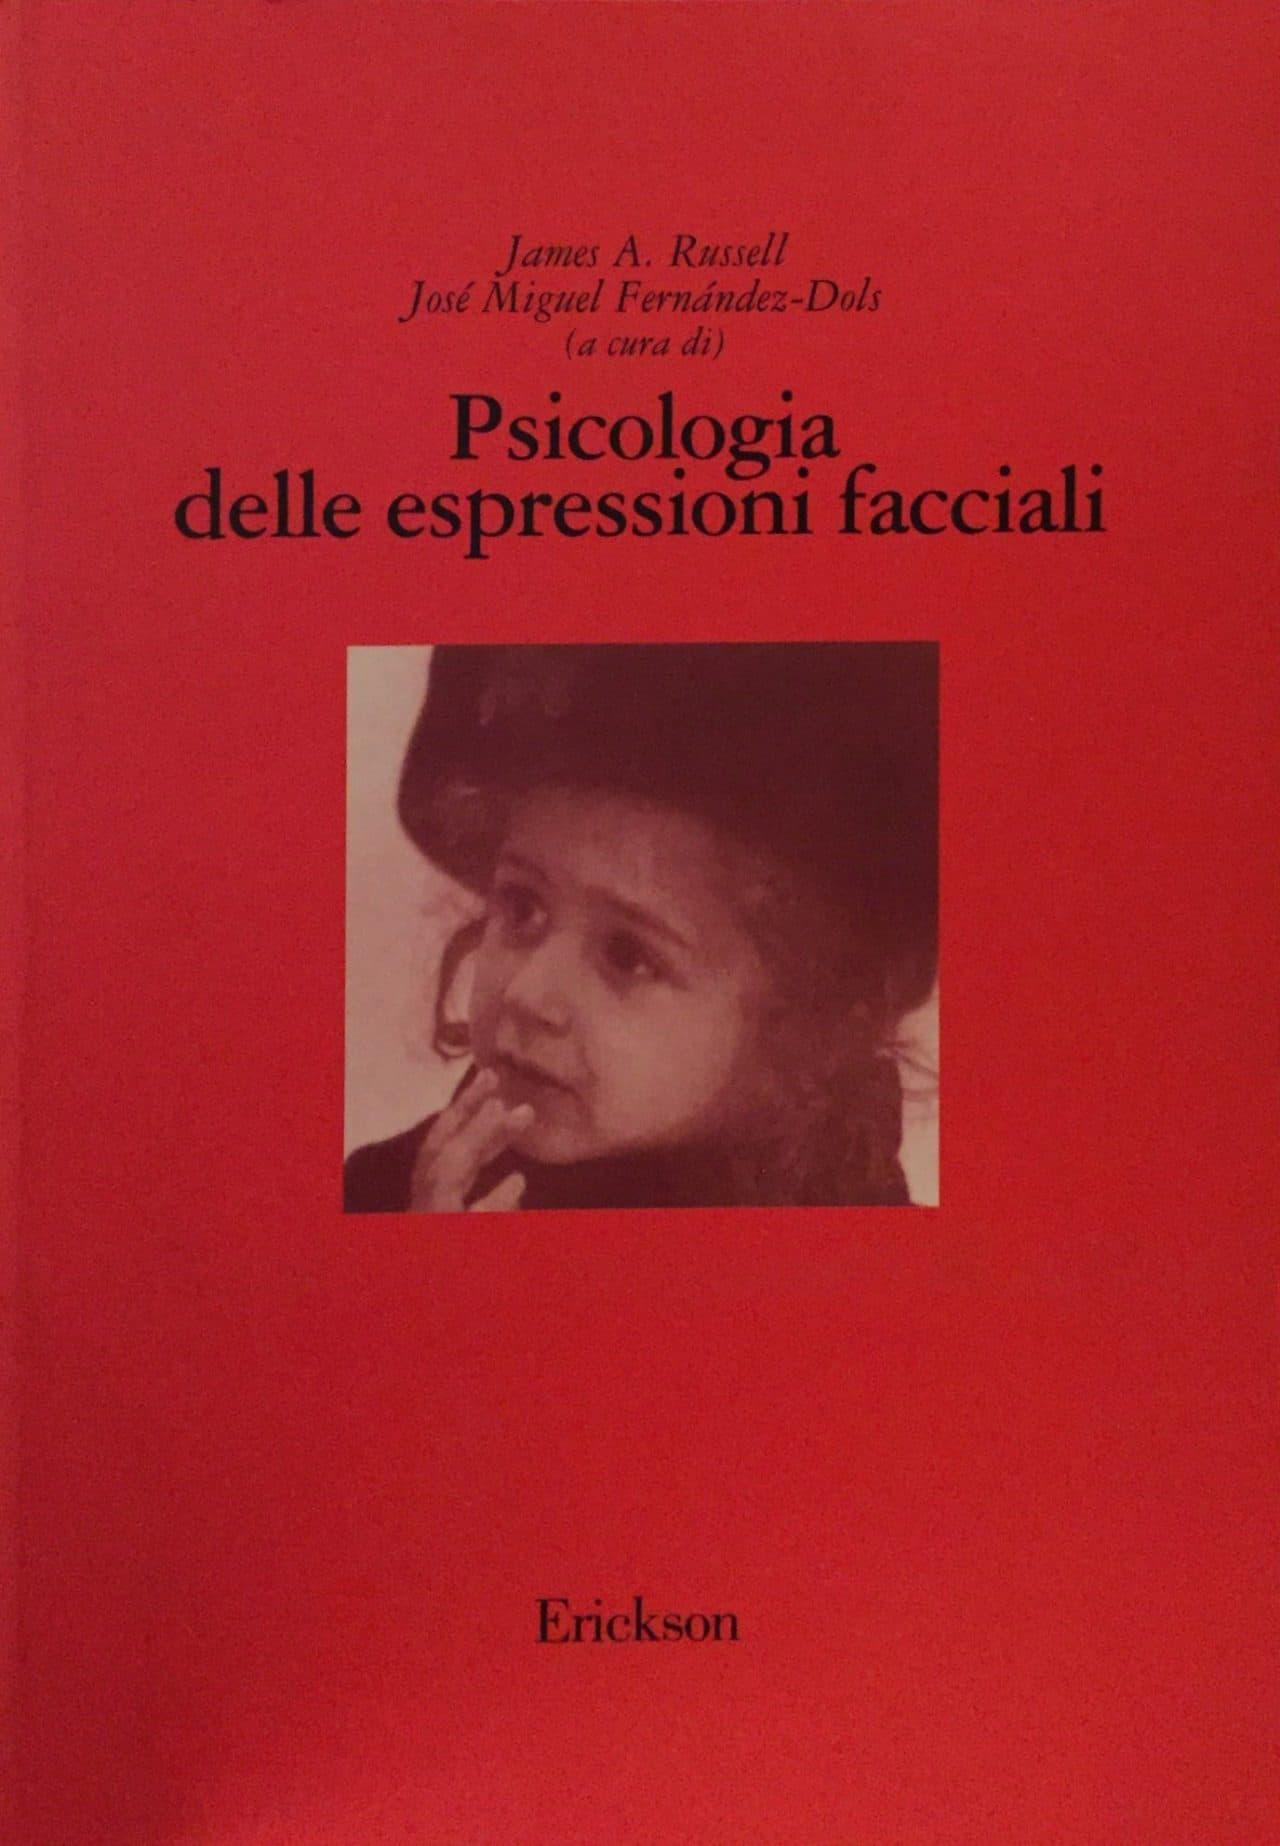 Psicologia Delle Espressioni Facciali